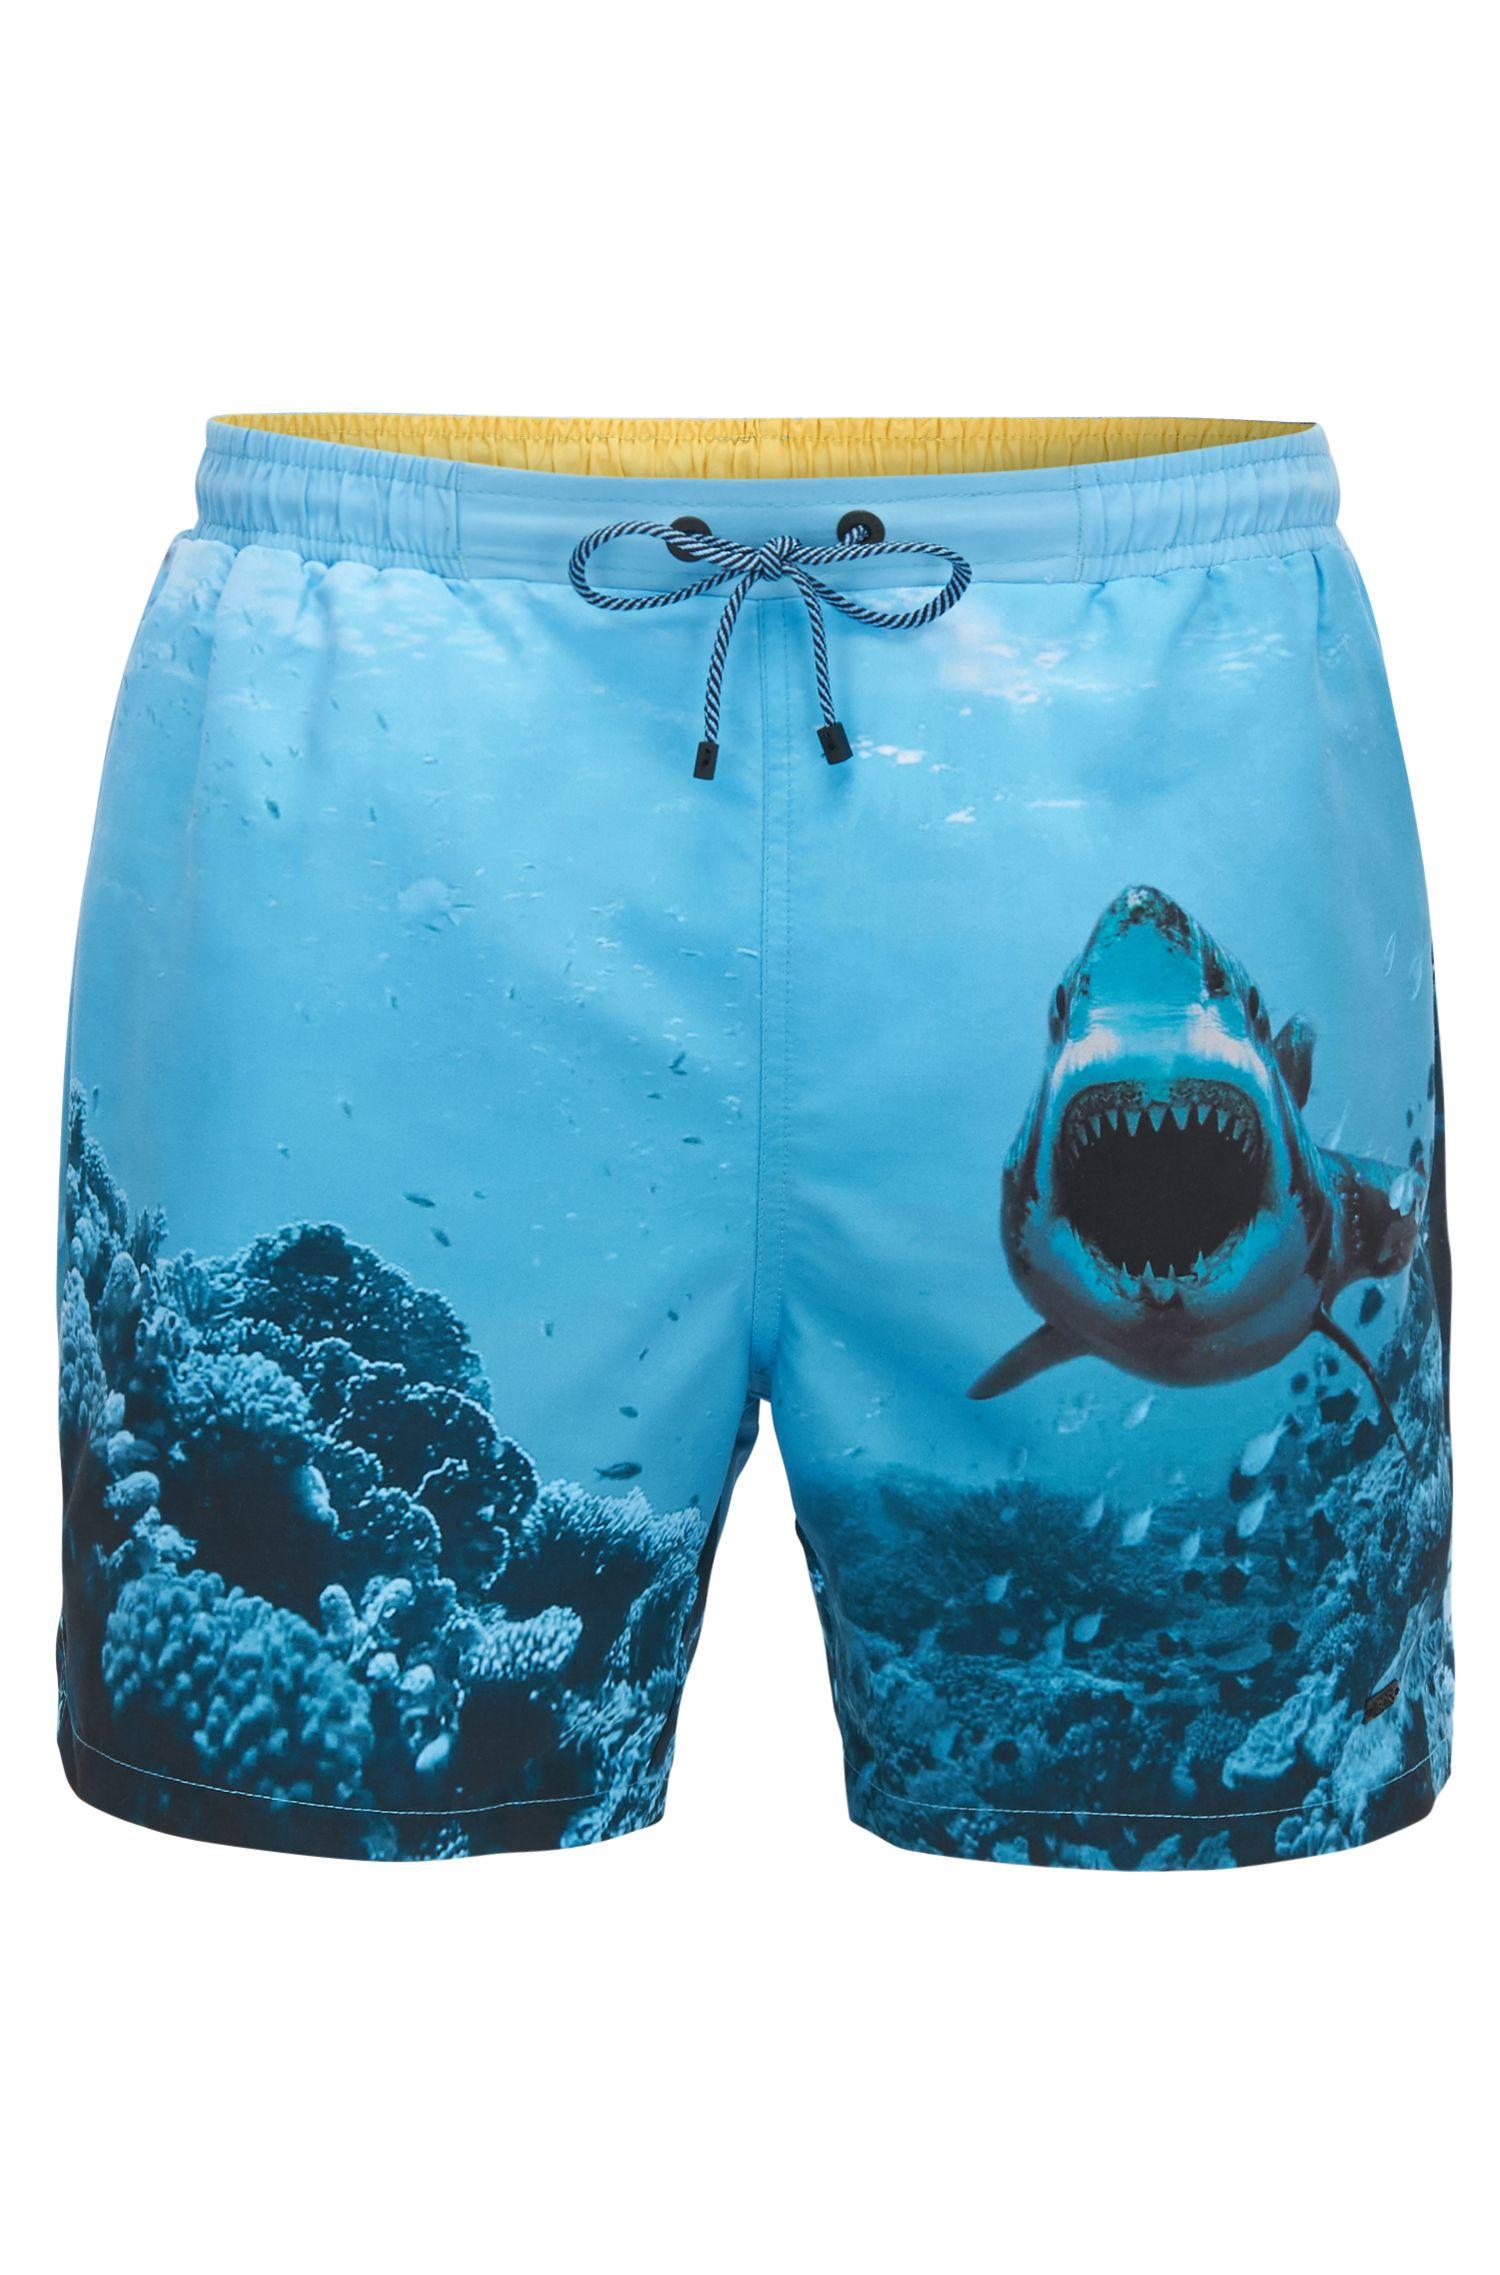 Bañador short de secado rápido con estampado de tiburón